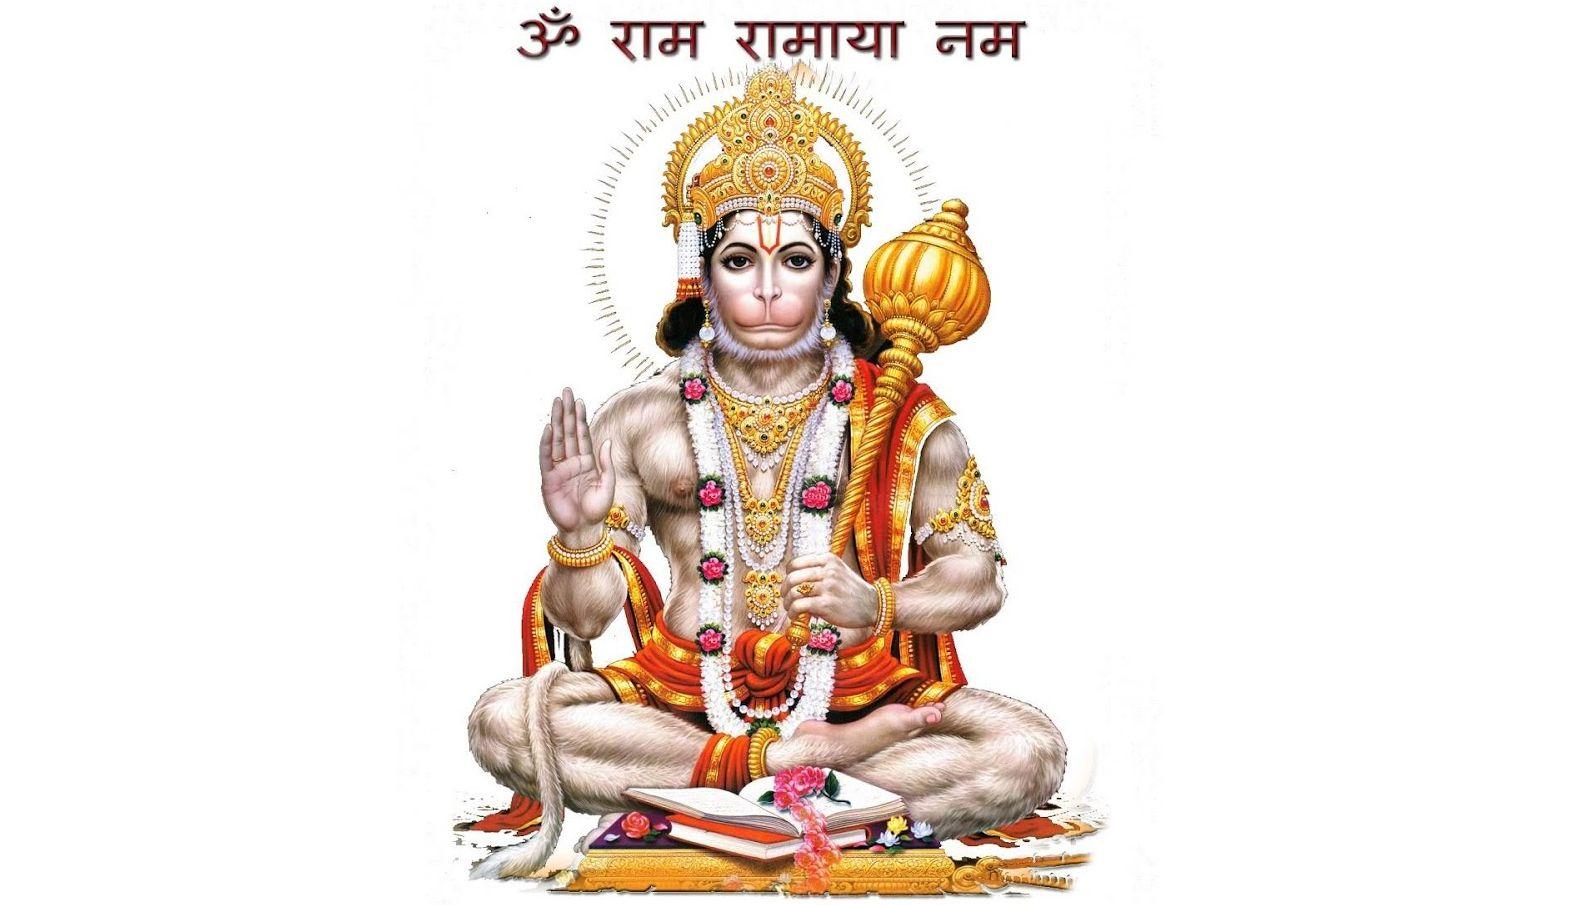 Bhagwan Hanuman Ji Ki Photos